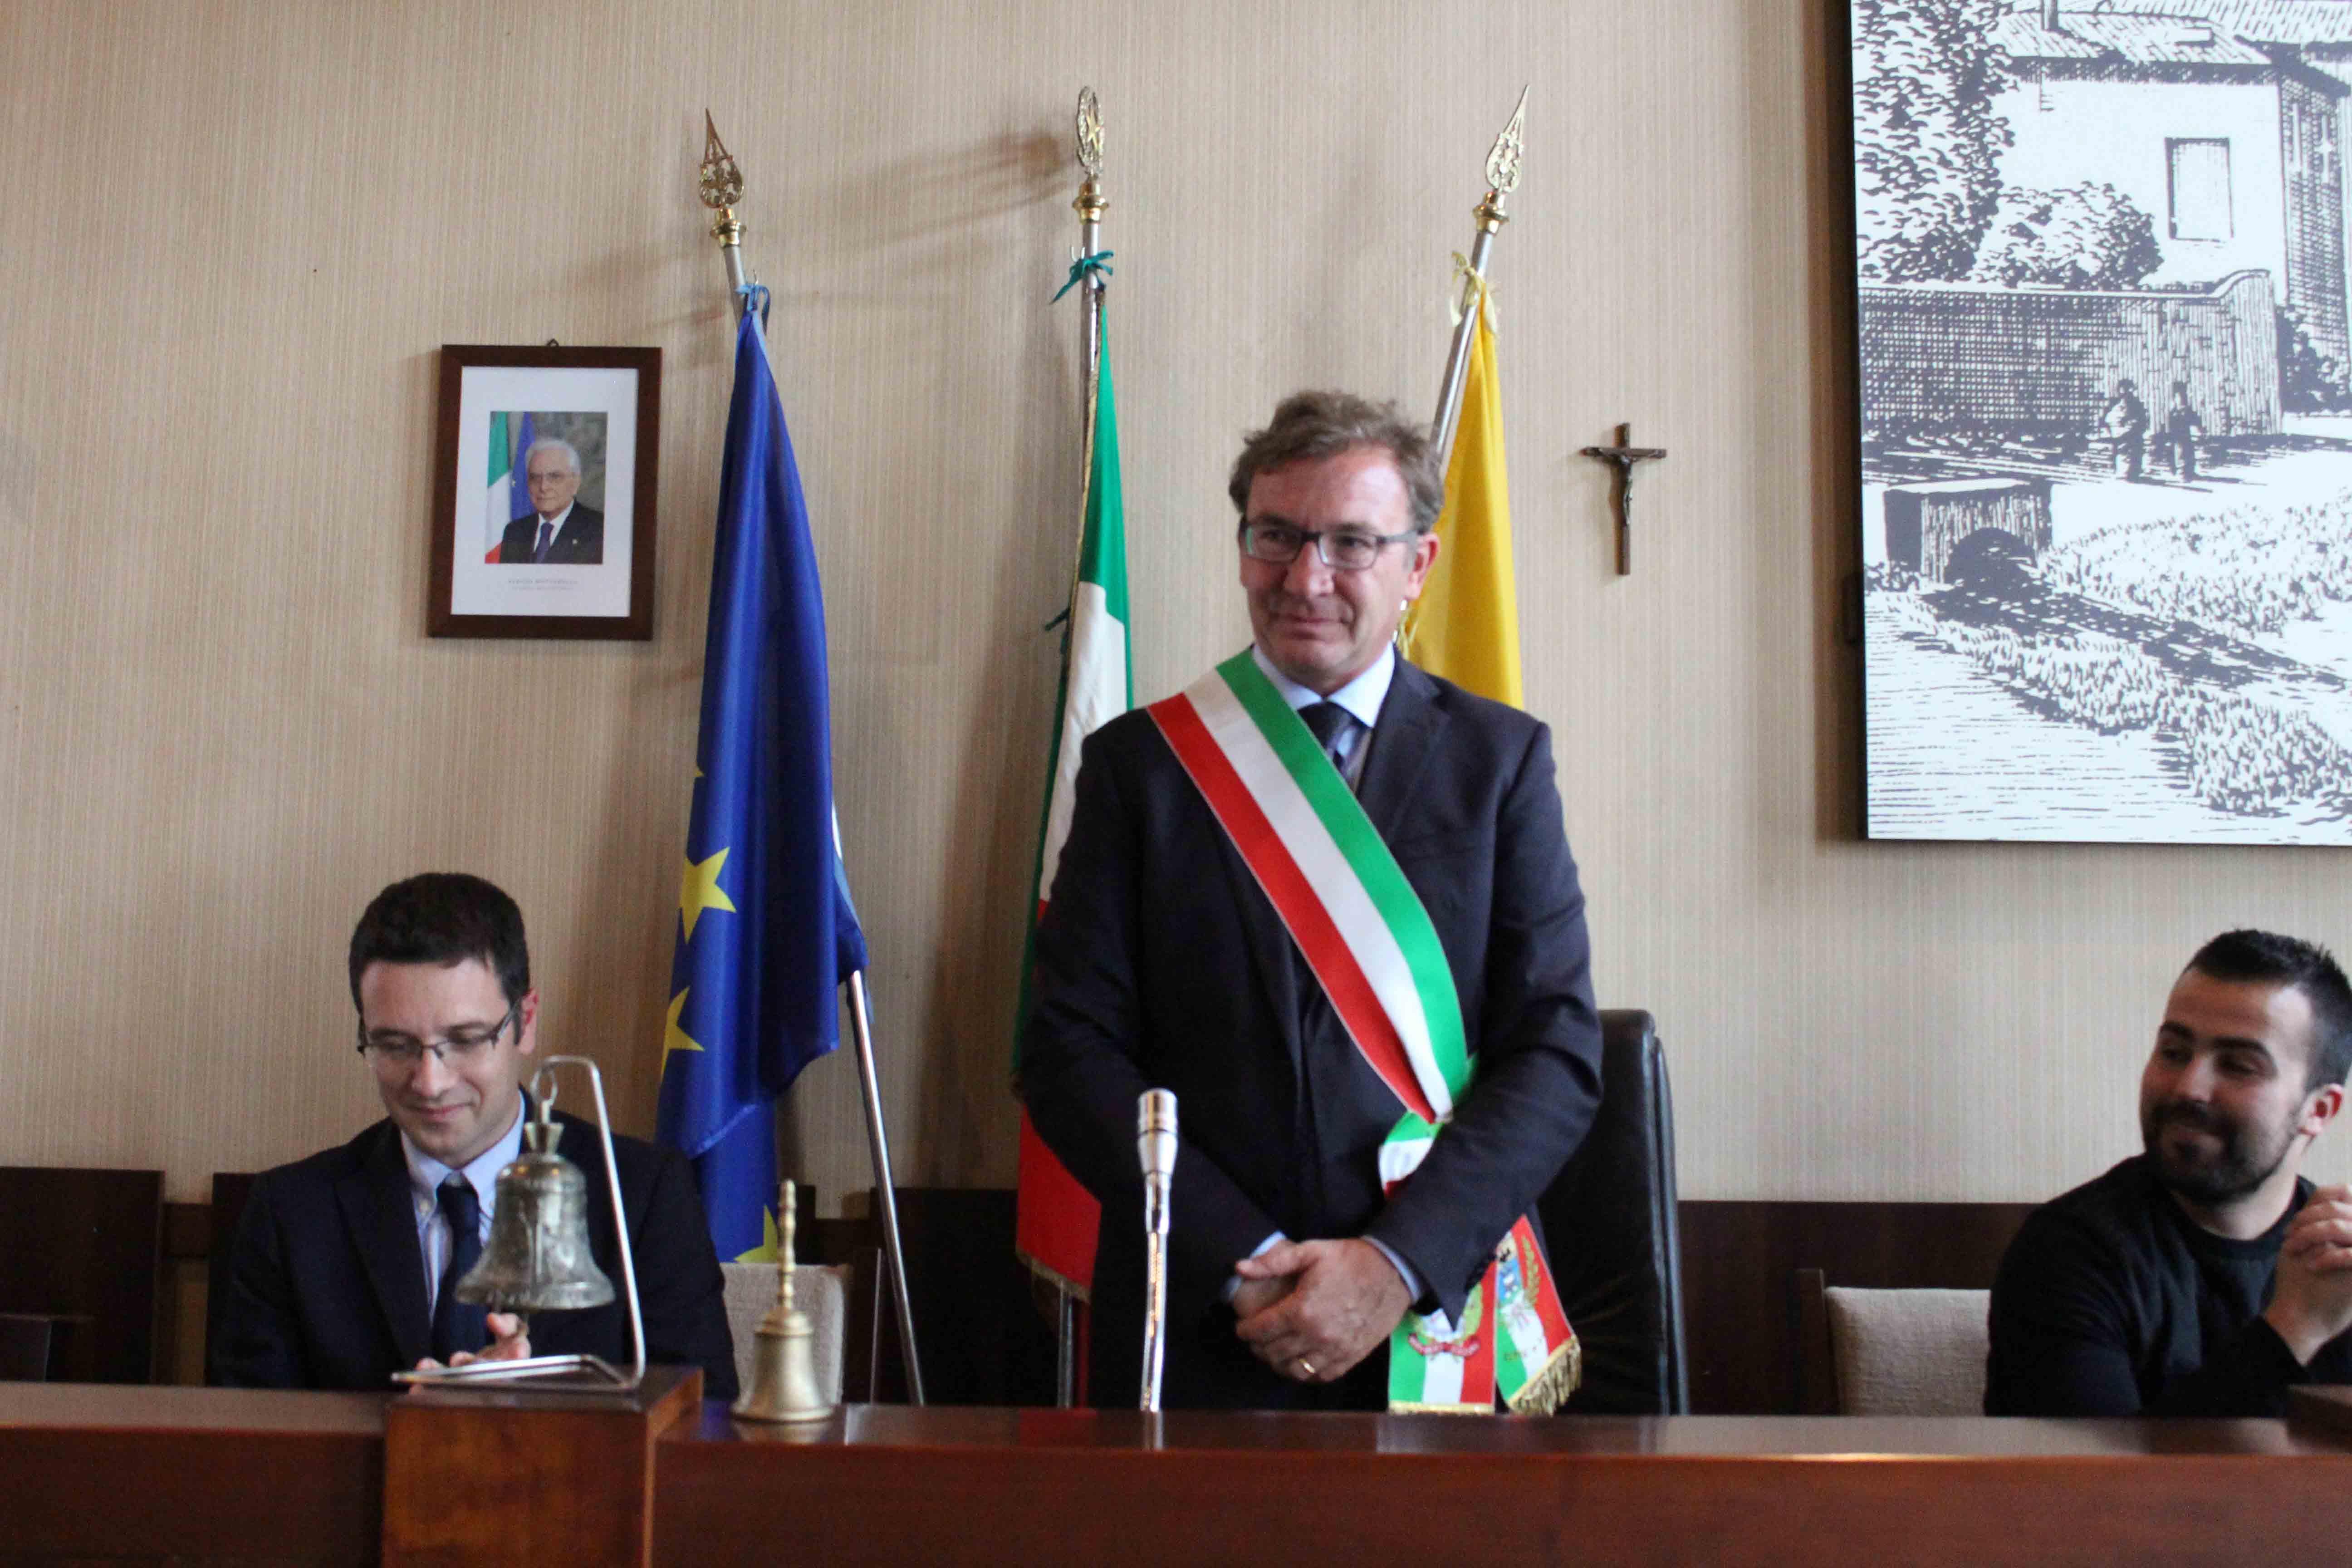 Il sindaco Andrea Pellicini con la fascia tricolore